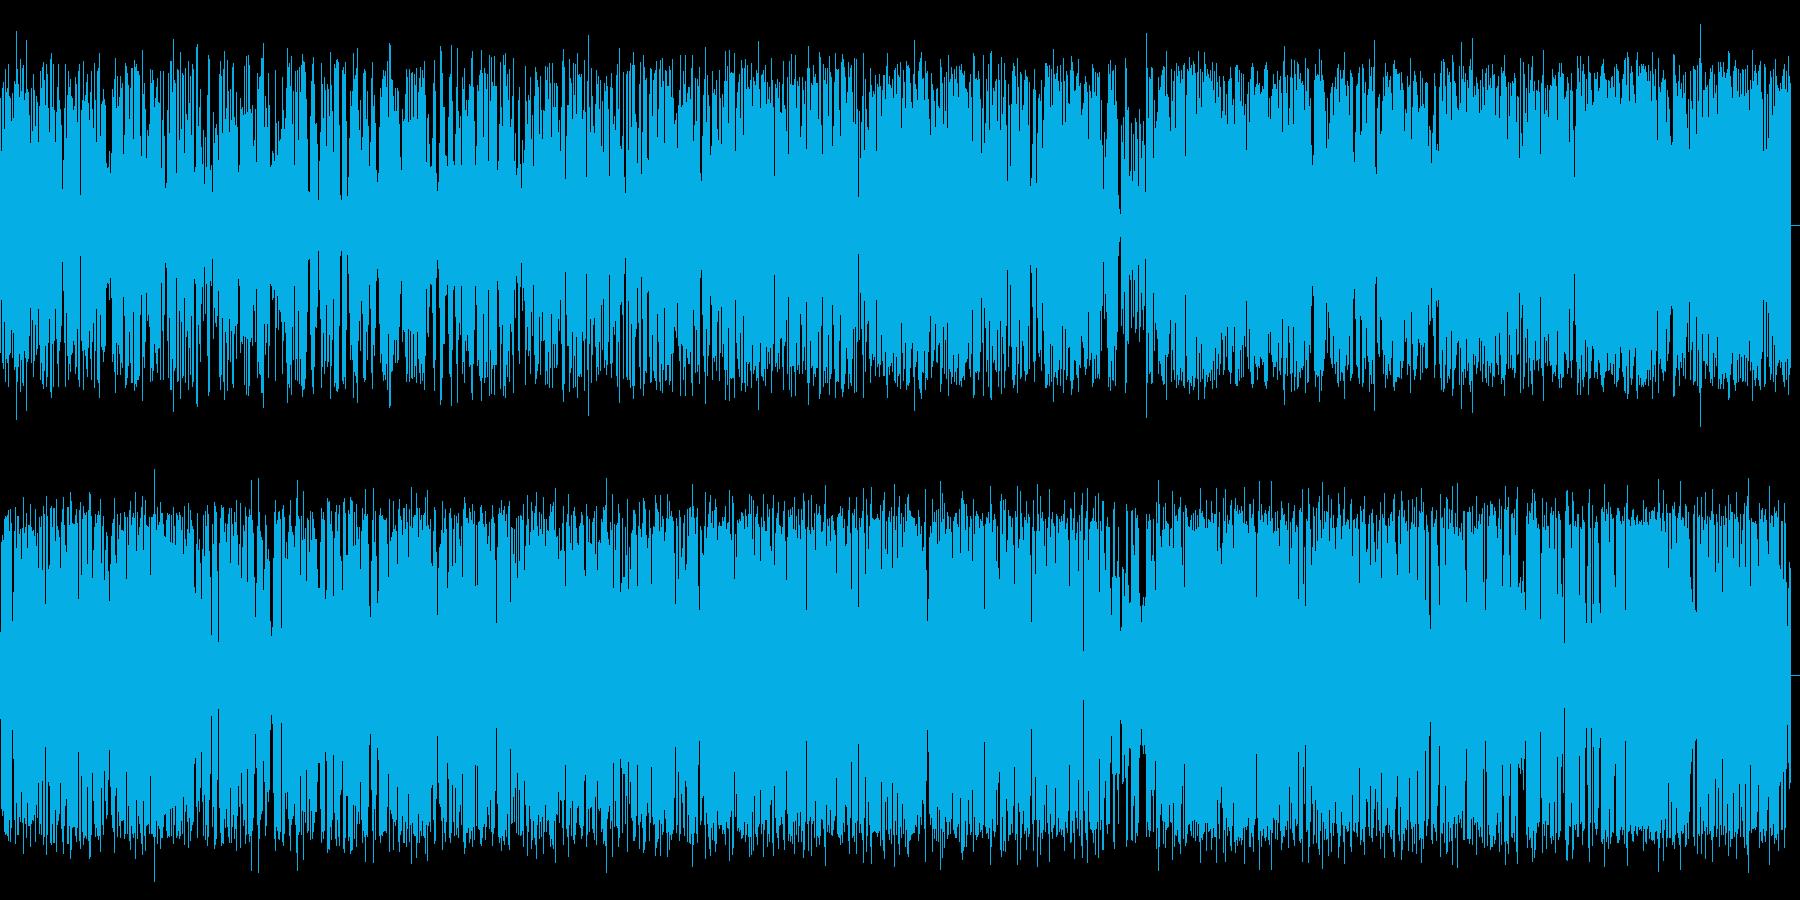 小型クルーズ船の風切り音の再生済みの波形